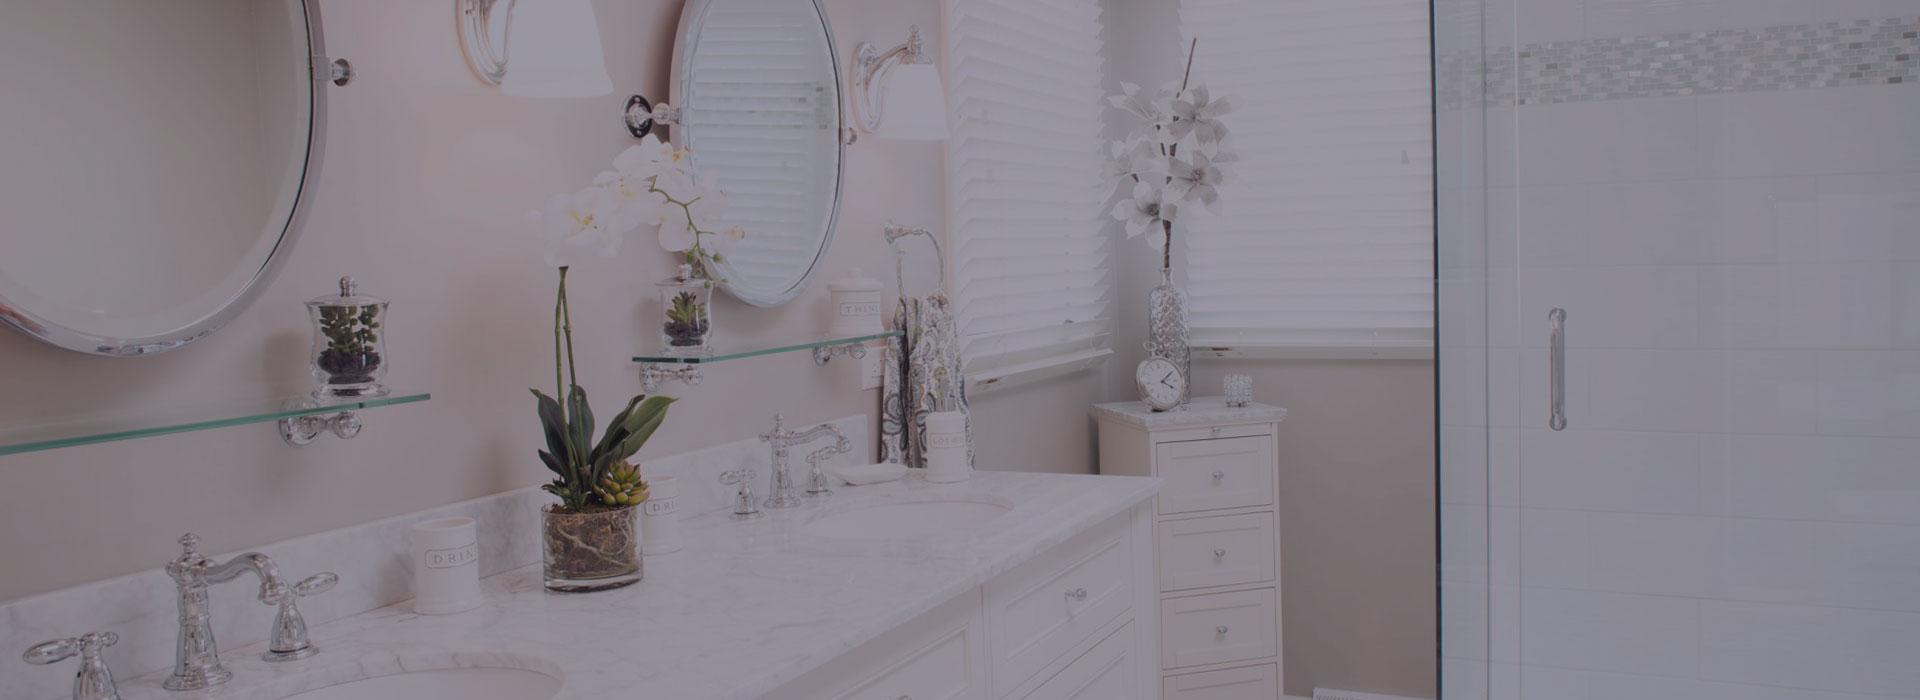 carol stream bathroom remodel companies